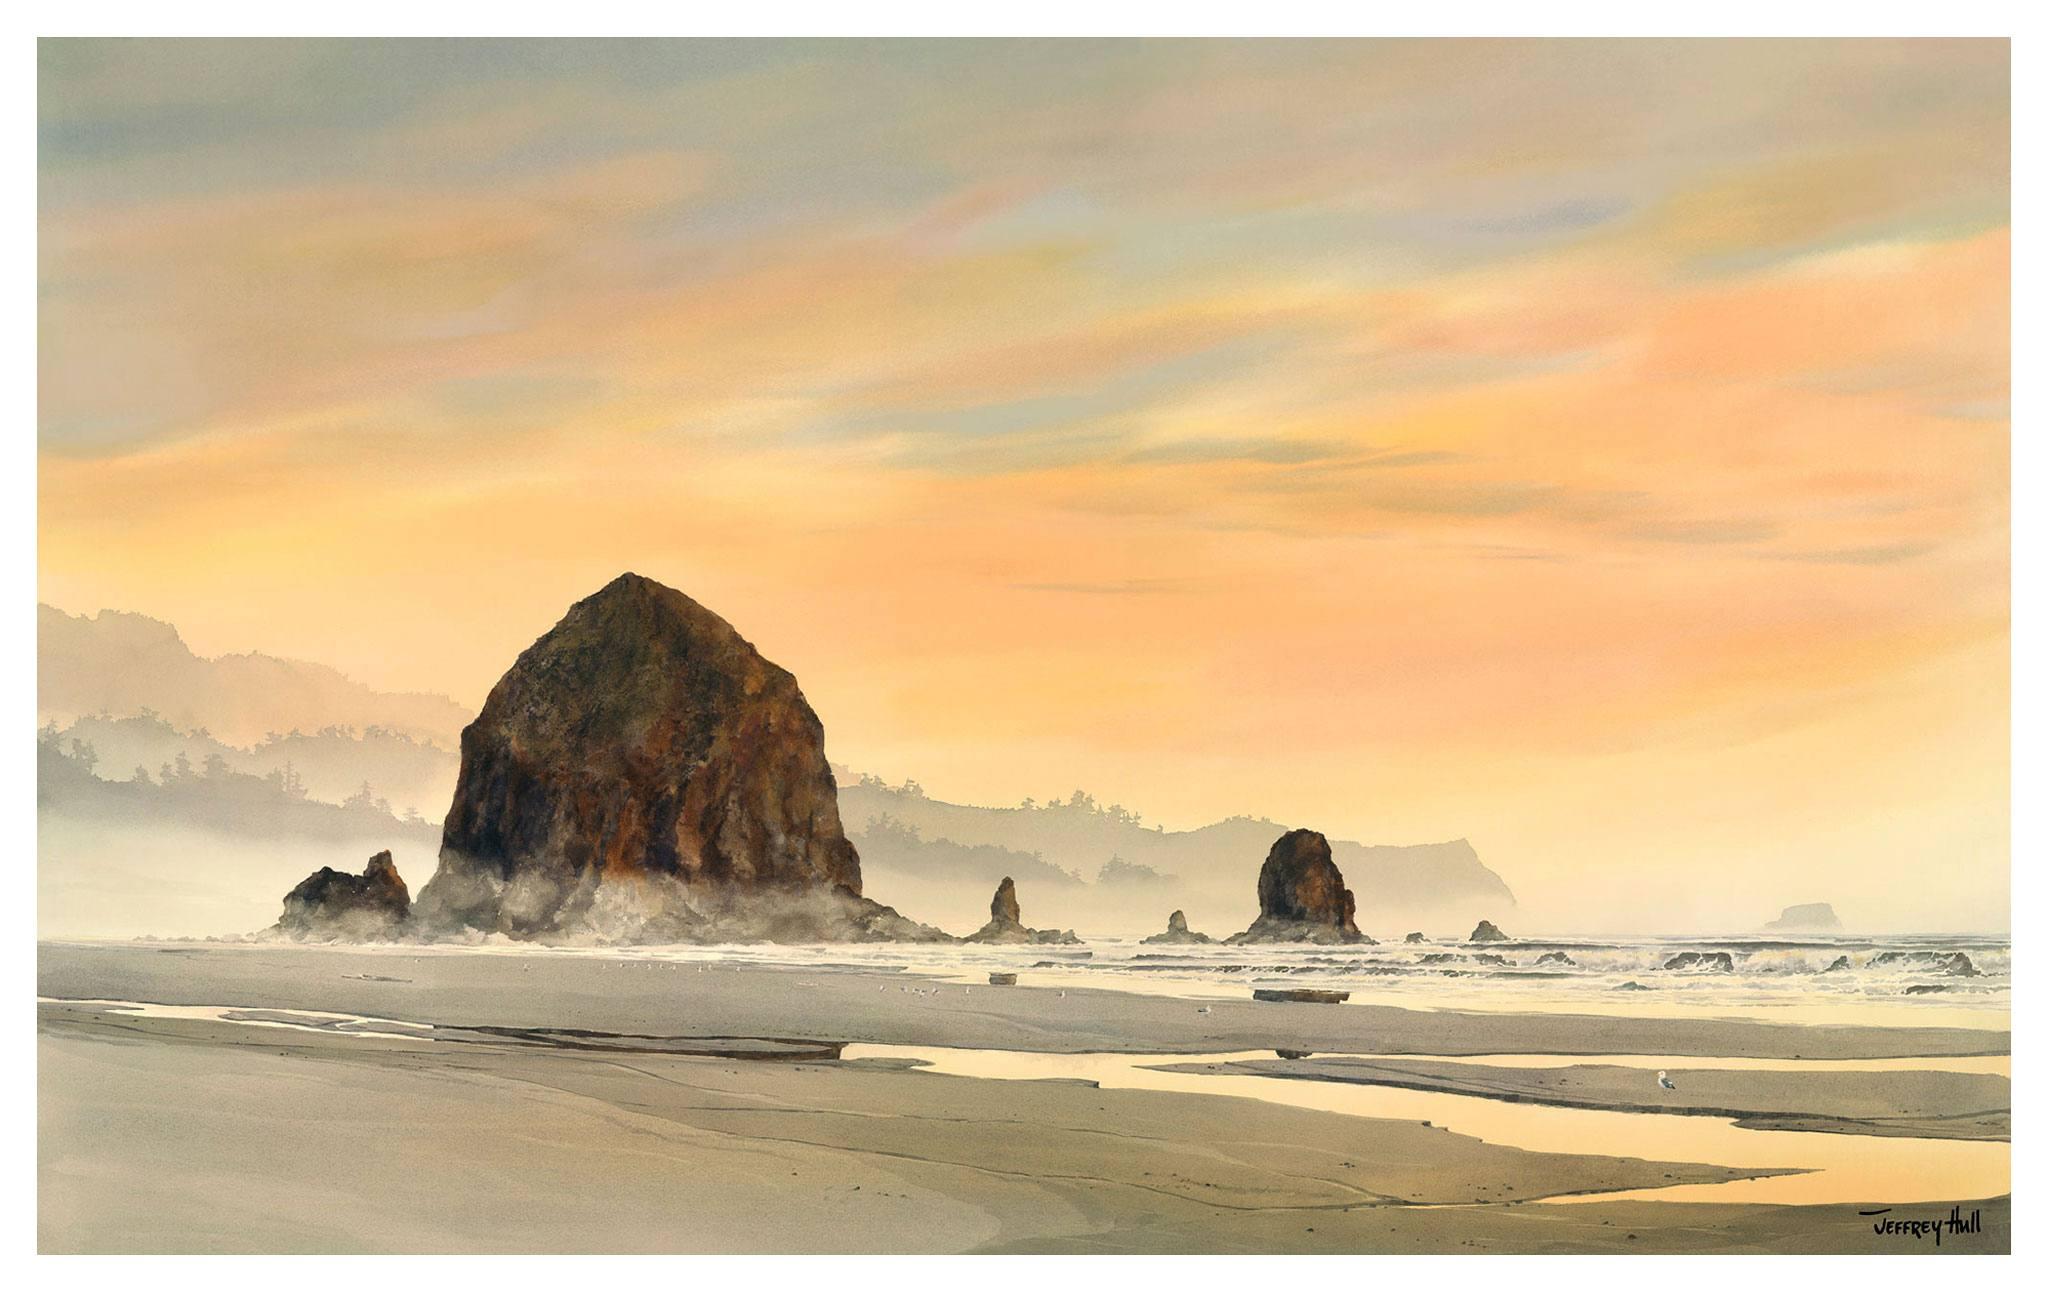 Haystack-Rock-Sunset-LimEd-Unframed-4-Website-2021